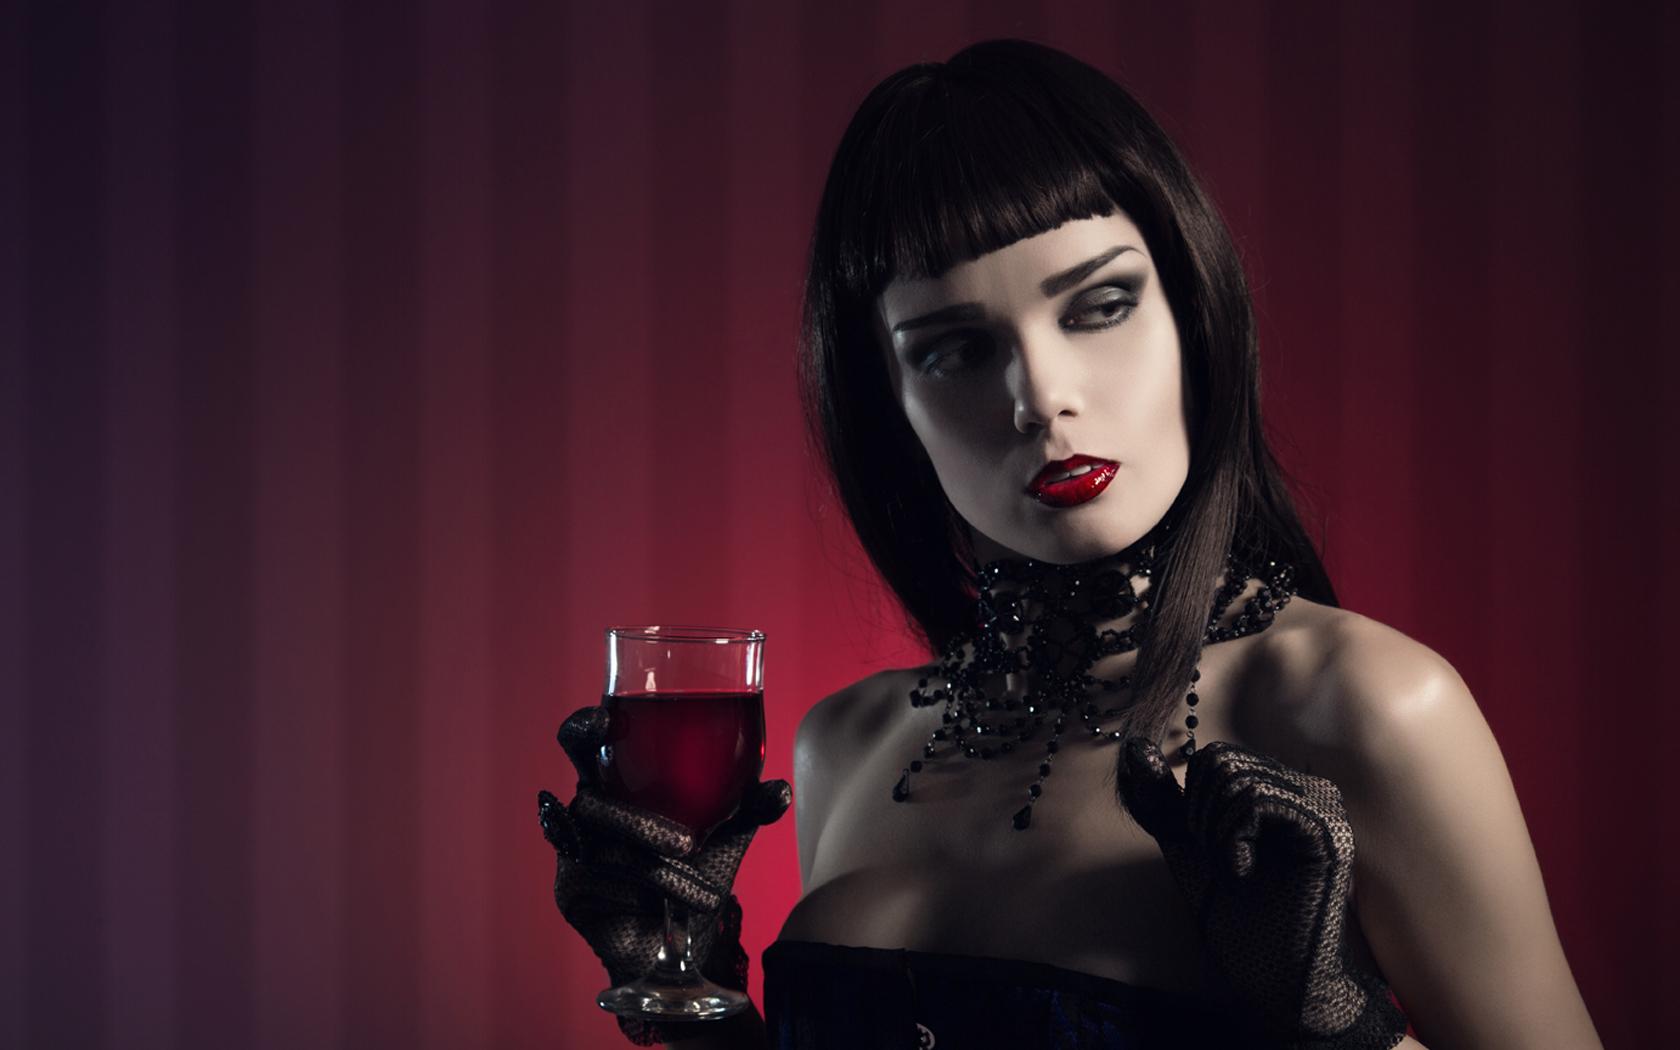 fotosessiya-seksualnih-vampirov